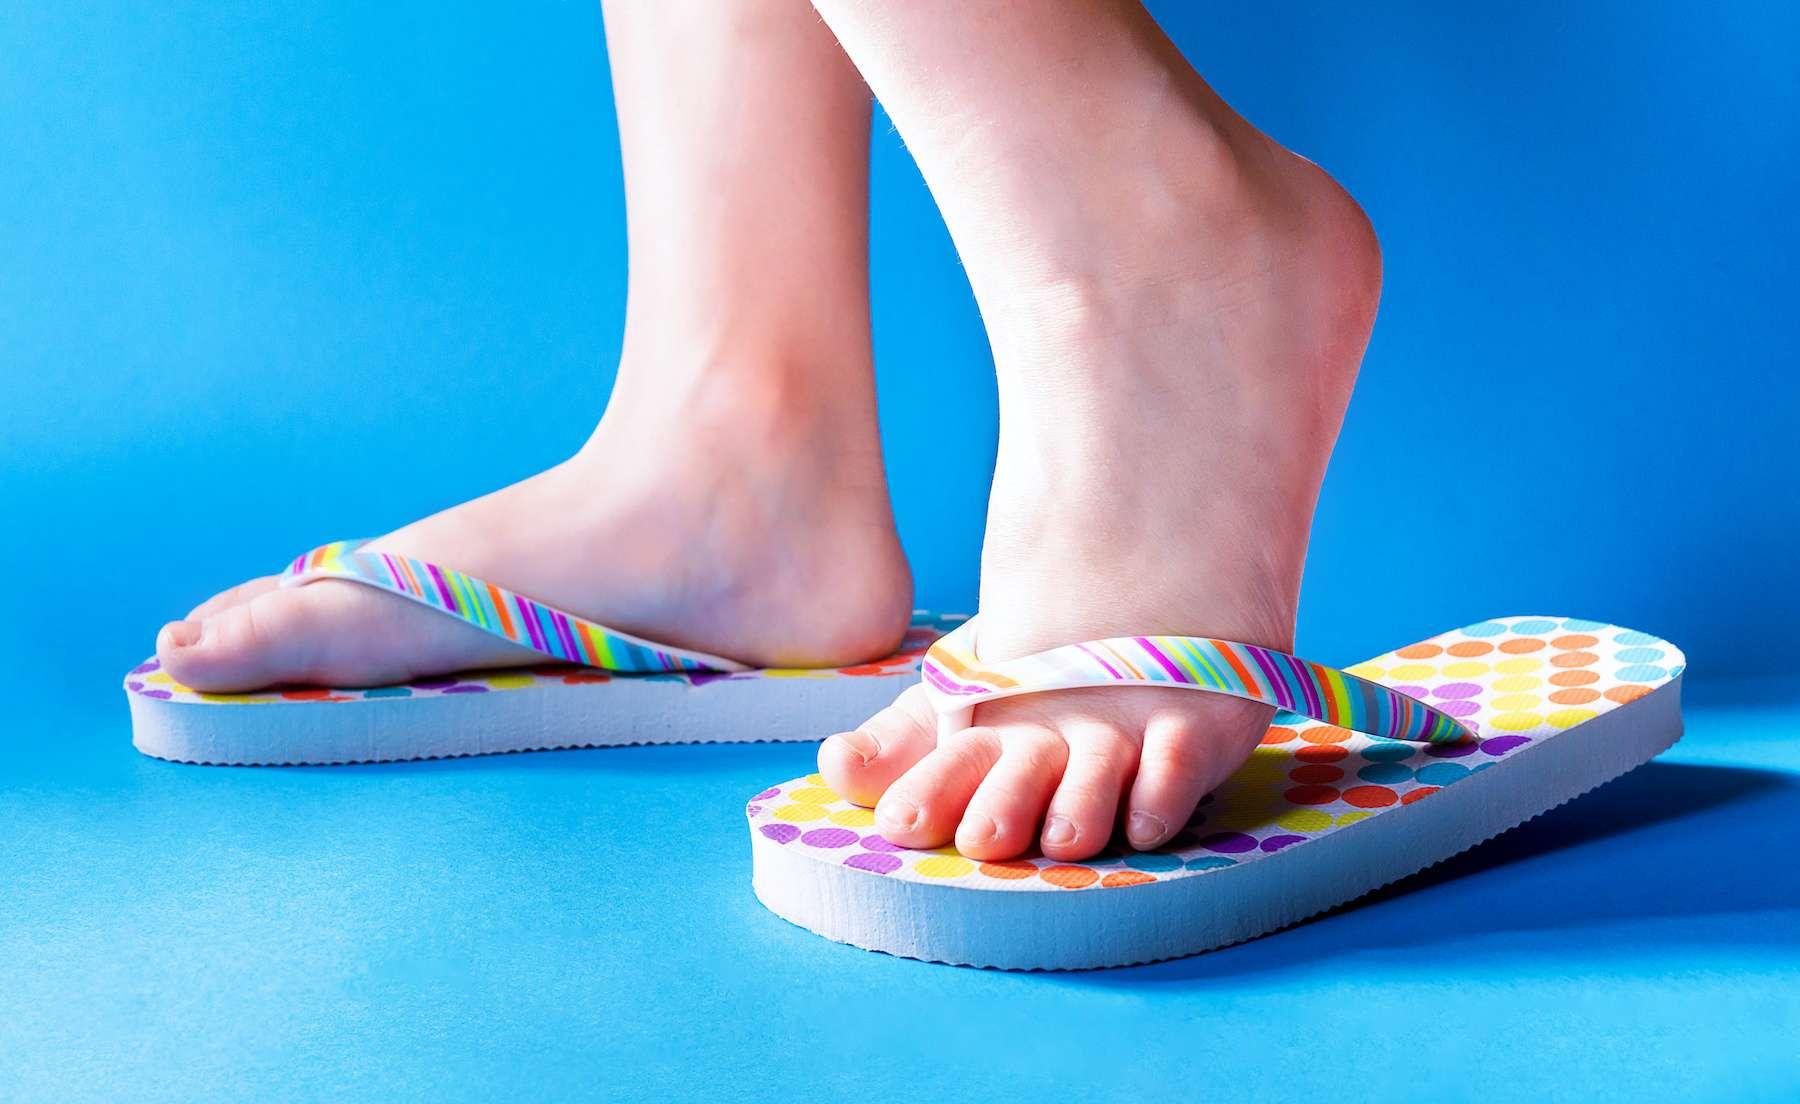 La tong favorise le « découplage » entre la semelle et le pied. © Borysovsky, Adobe Stock